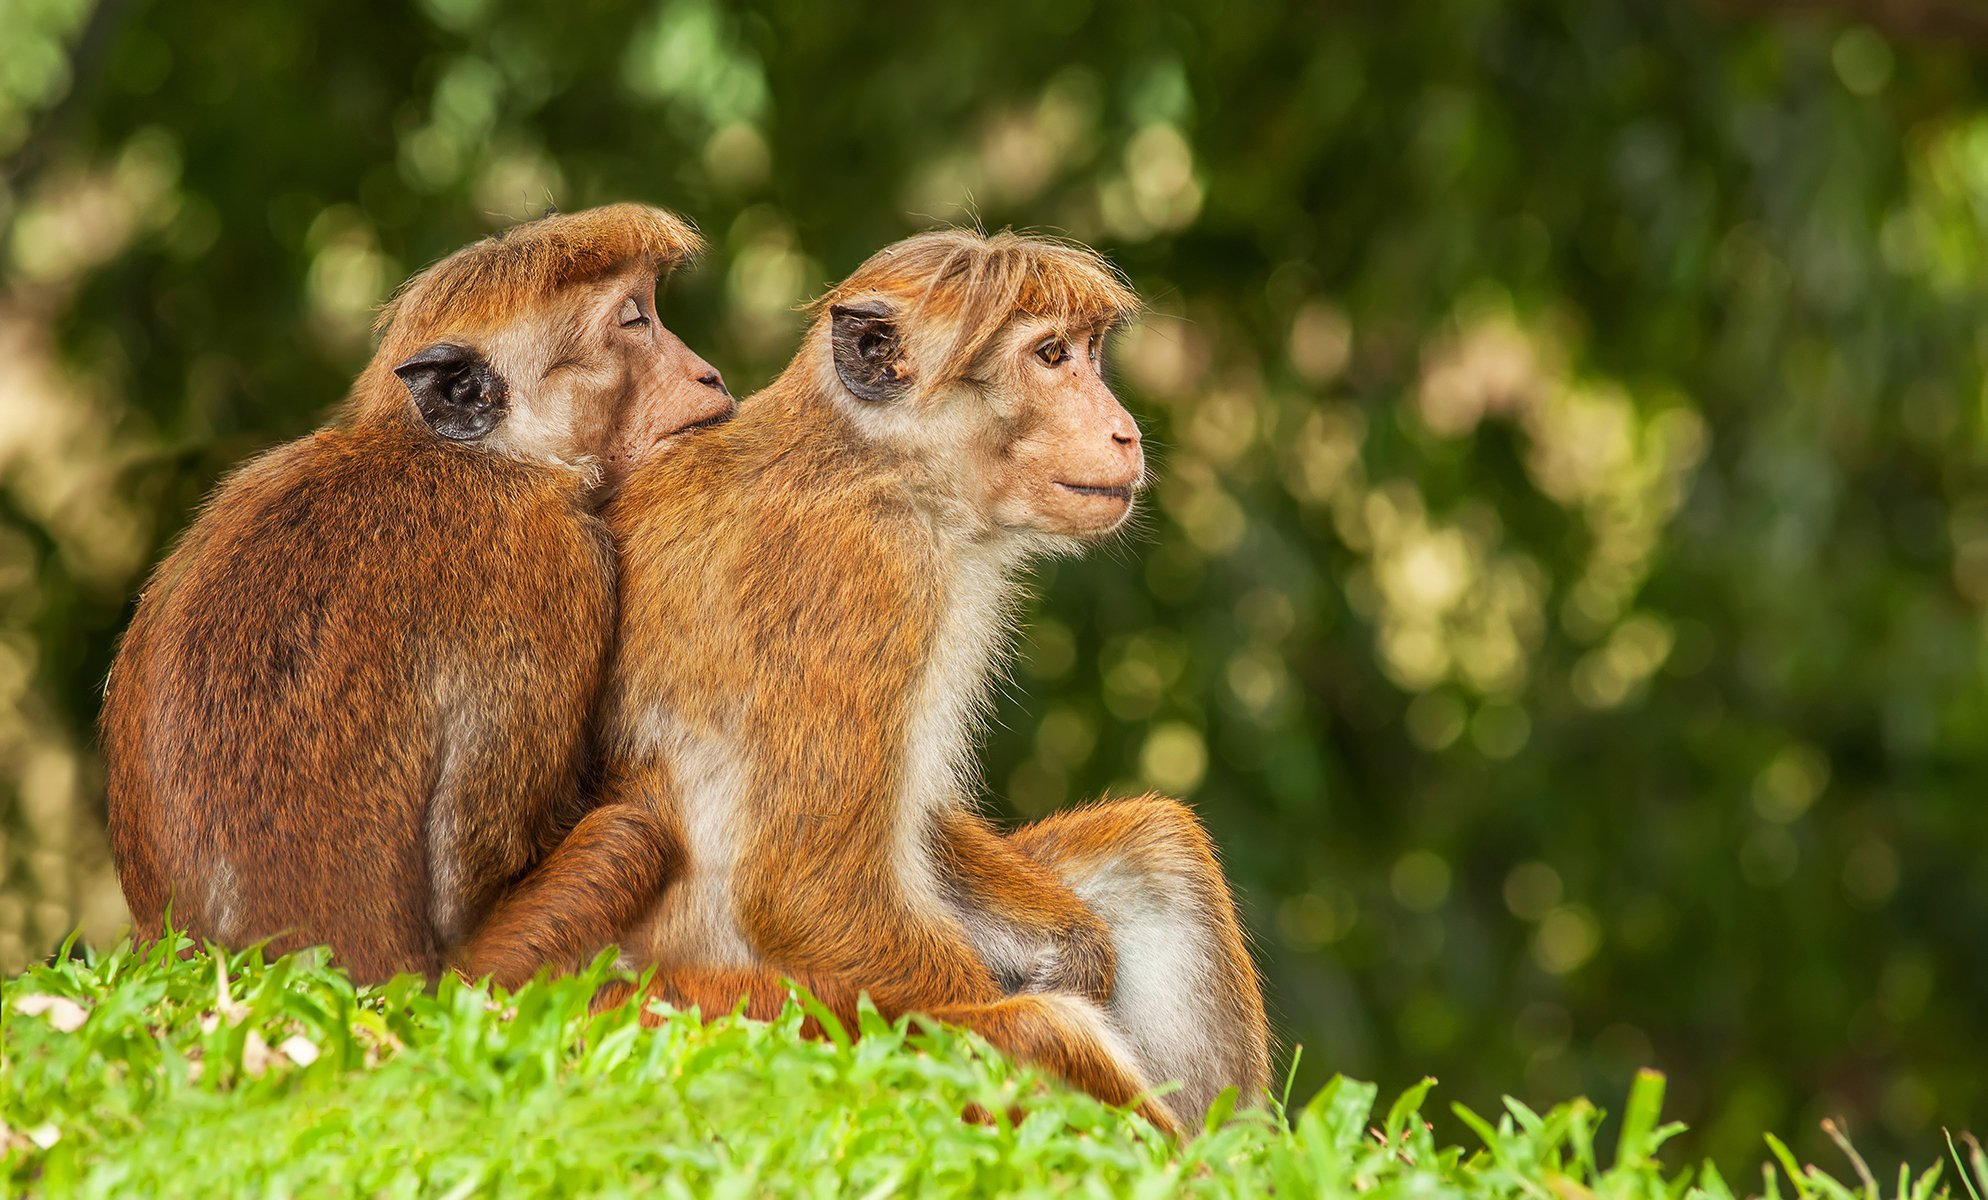 Шри Ланка, обезьяна, макака, Цейлон, животные, Дмитрий